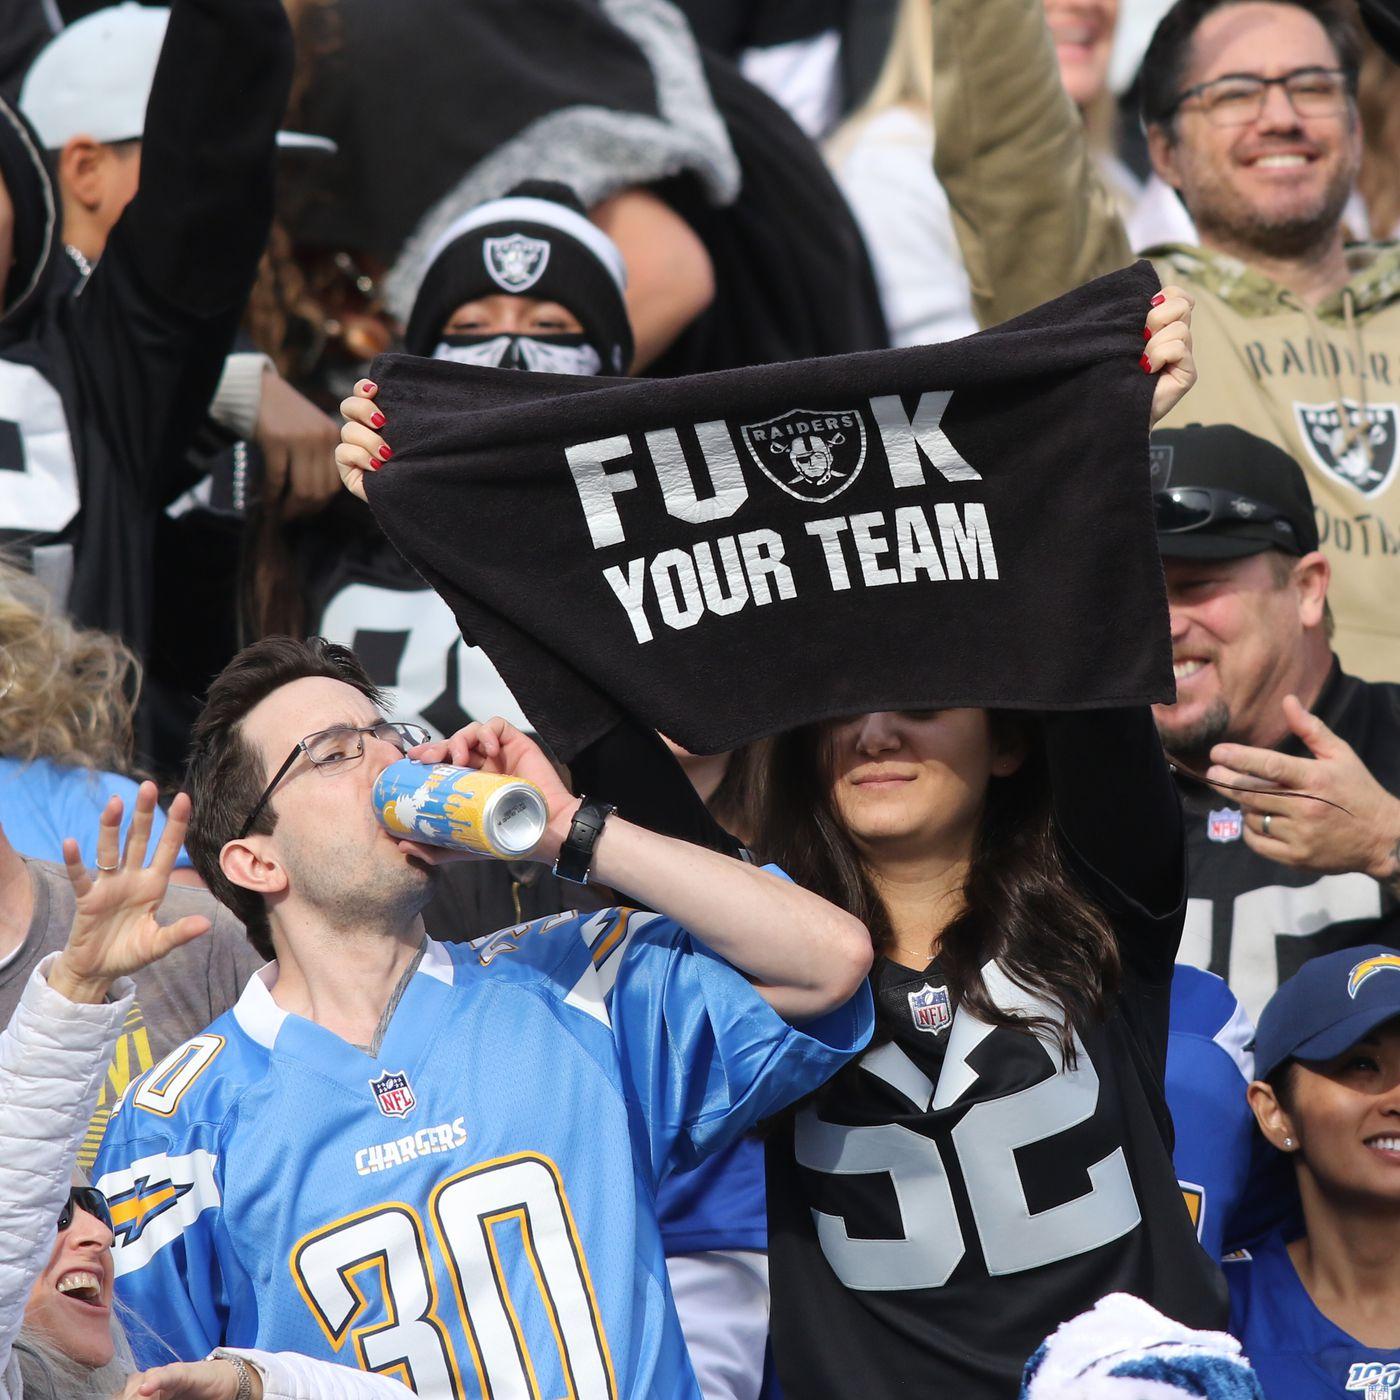 Raiders Jersey Week: My favorite jerseys as an NFL fan - Silver ...